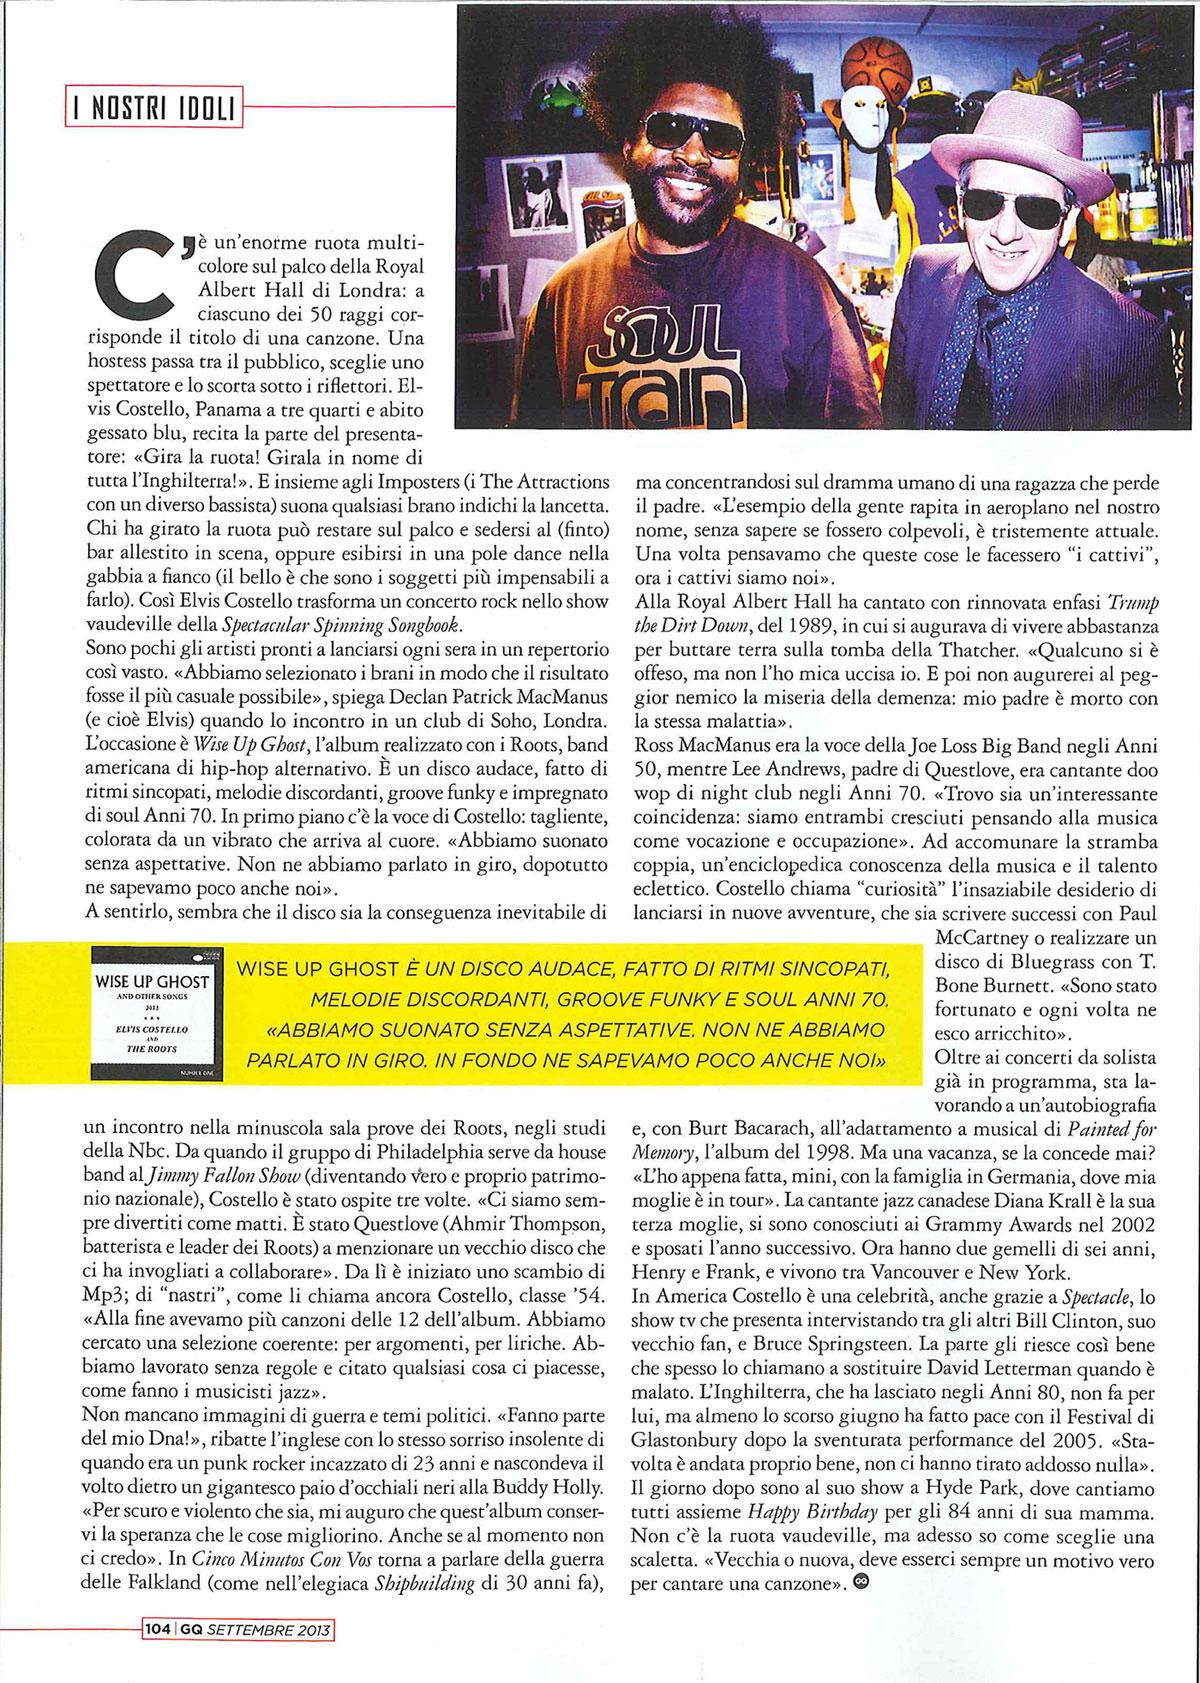 GQ: Elvis Costello interview